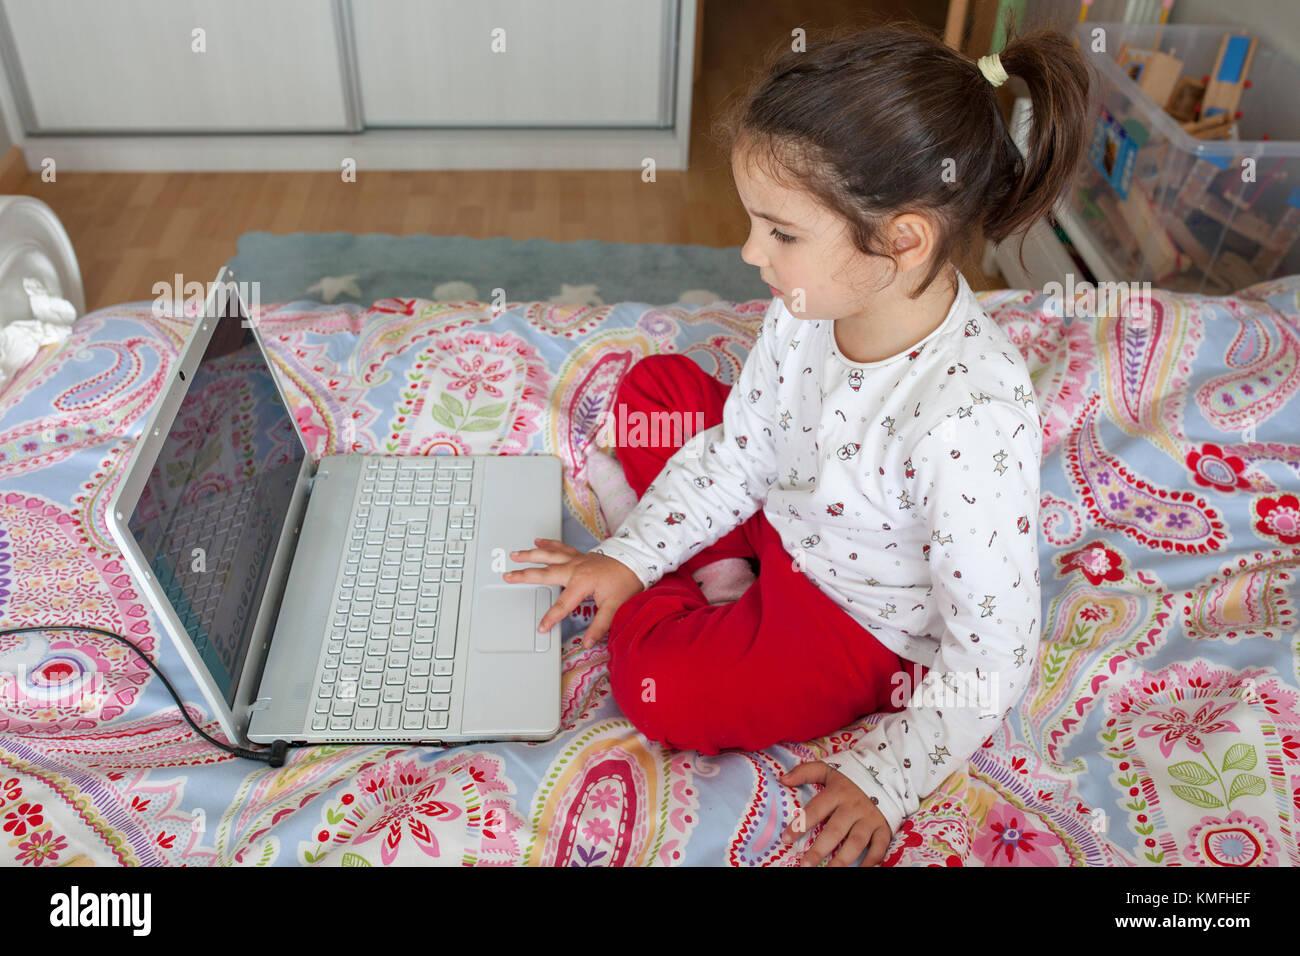 Niña sentada en la cama y jugar en línea en su dormitorio Imagen De Stock